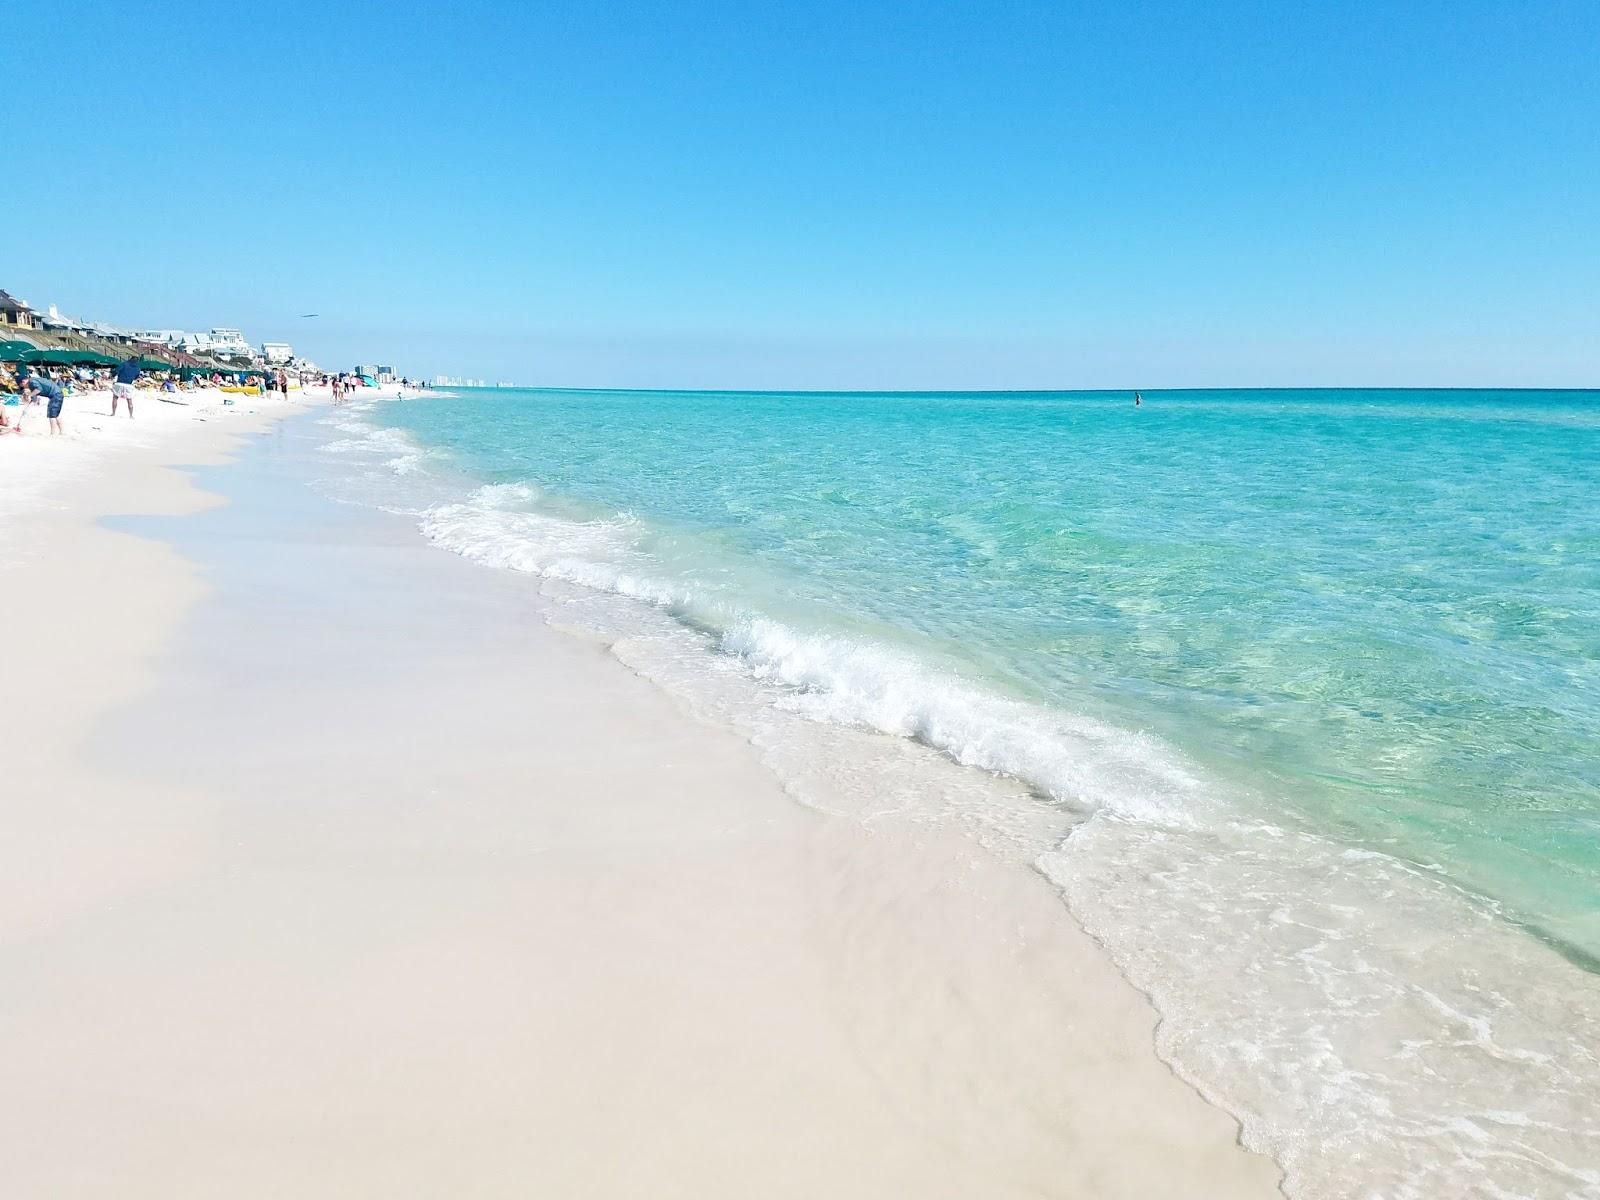 rosemary beach 30a